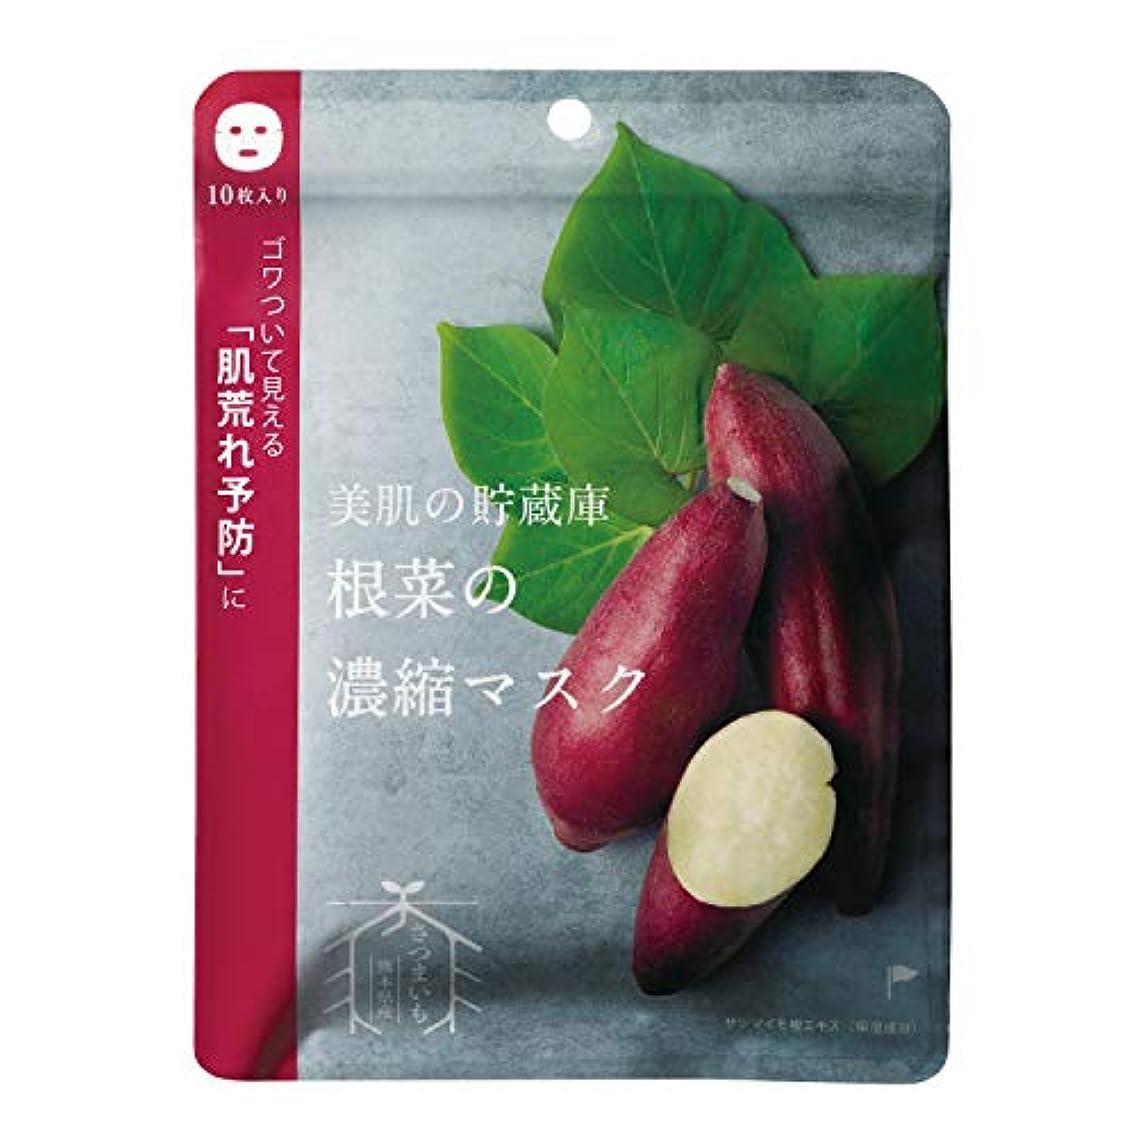 スツール教師の日ペナルティ@cosme nippon 美肌の貯蔵庫 根菜の濃縮マスク 安納いも 10枚 160ml